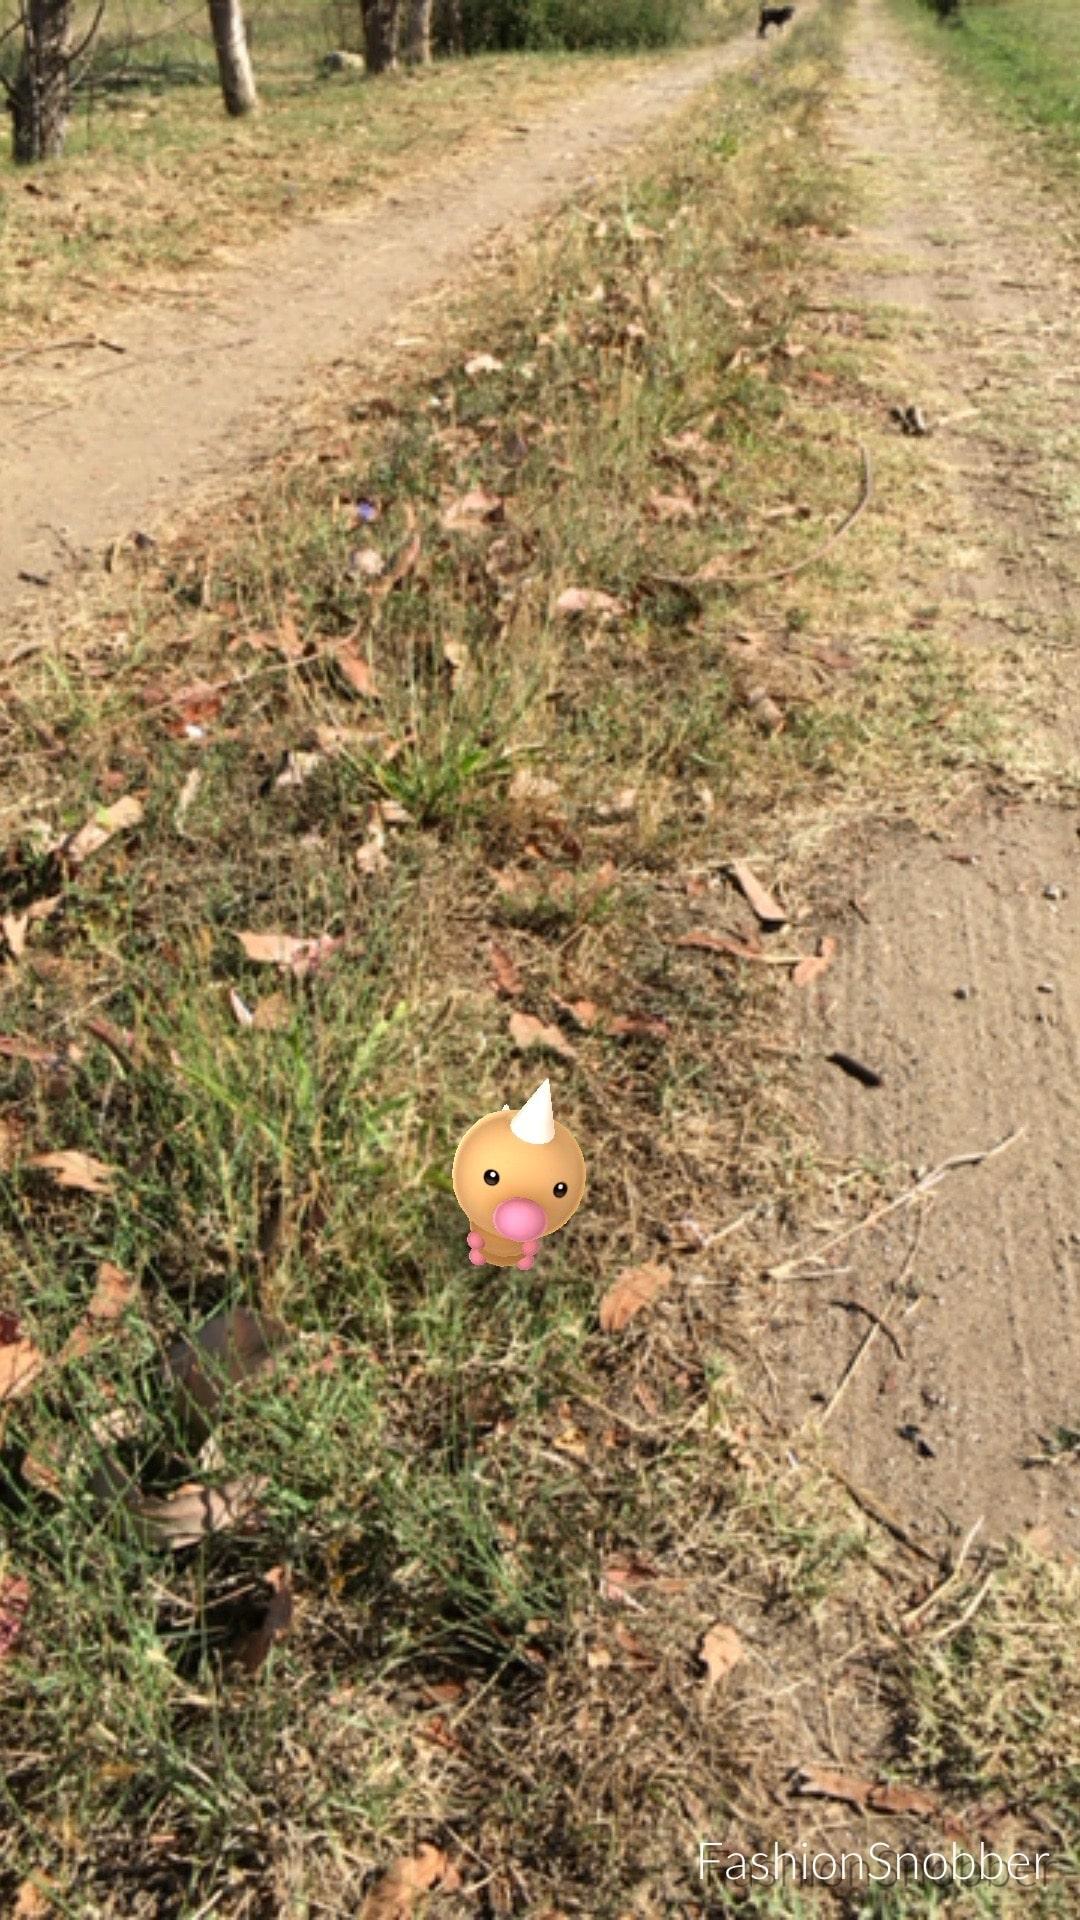 Weedle Pokémon Go.